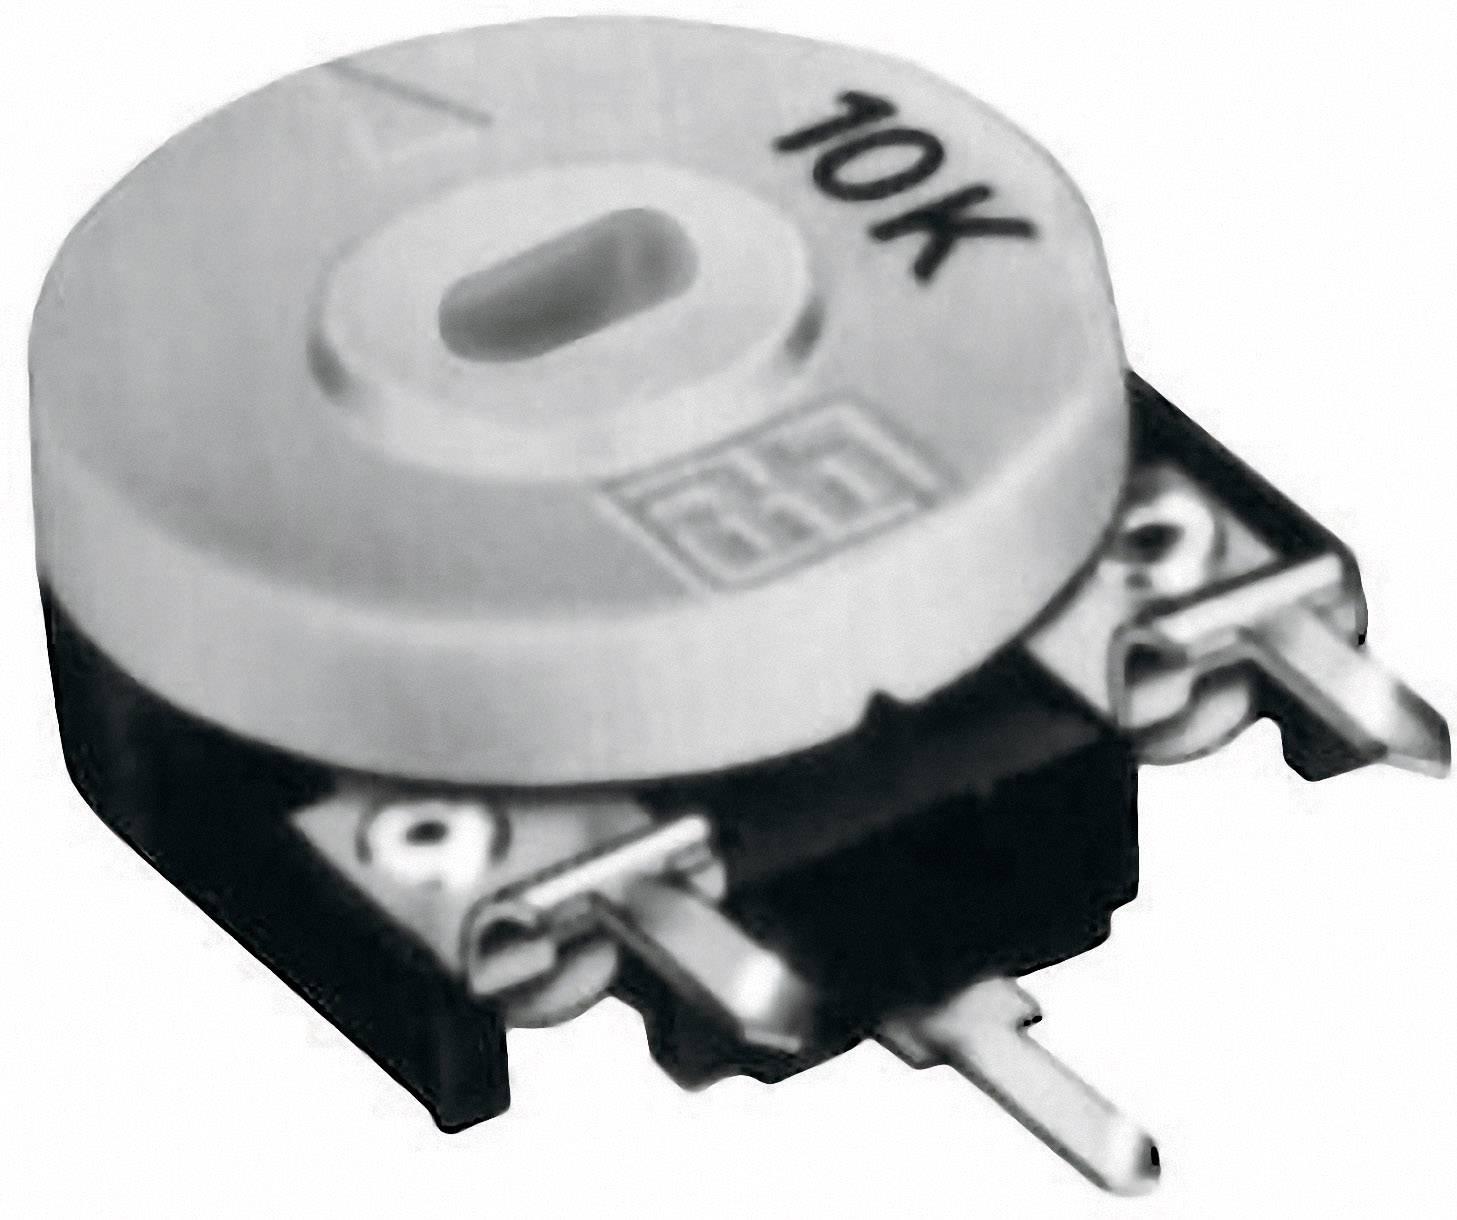 Uhlíkový trimer TT Electronics AB 21552405, lineárny, 10 kOhm, 0.15 W, 1 ks